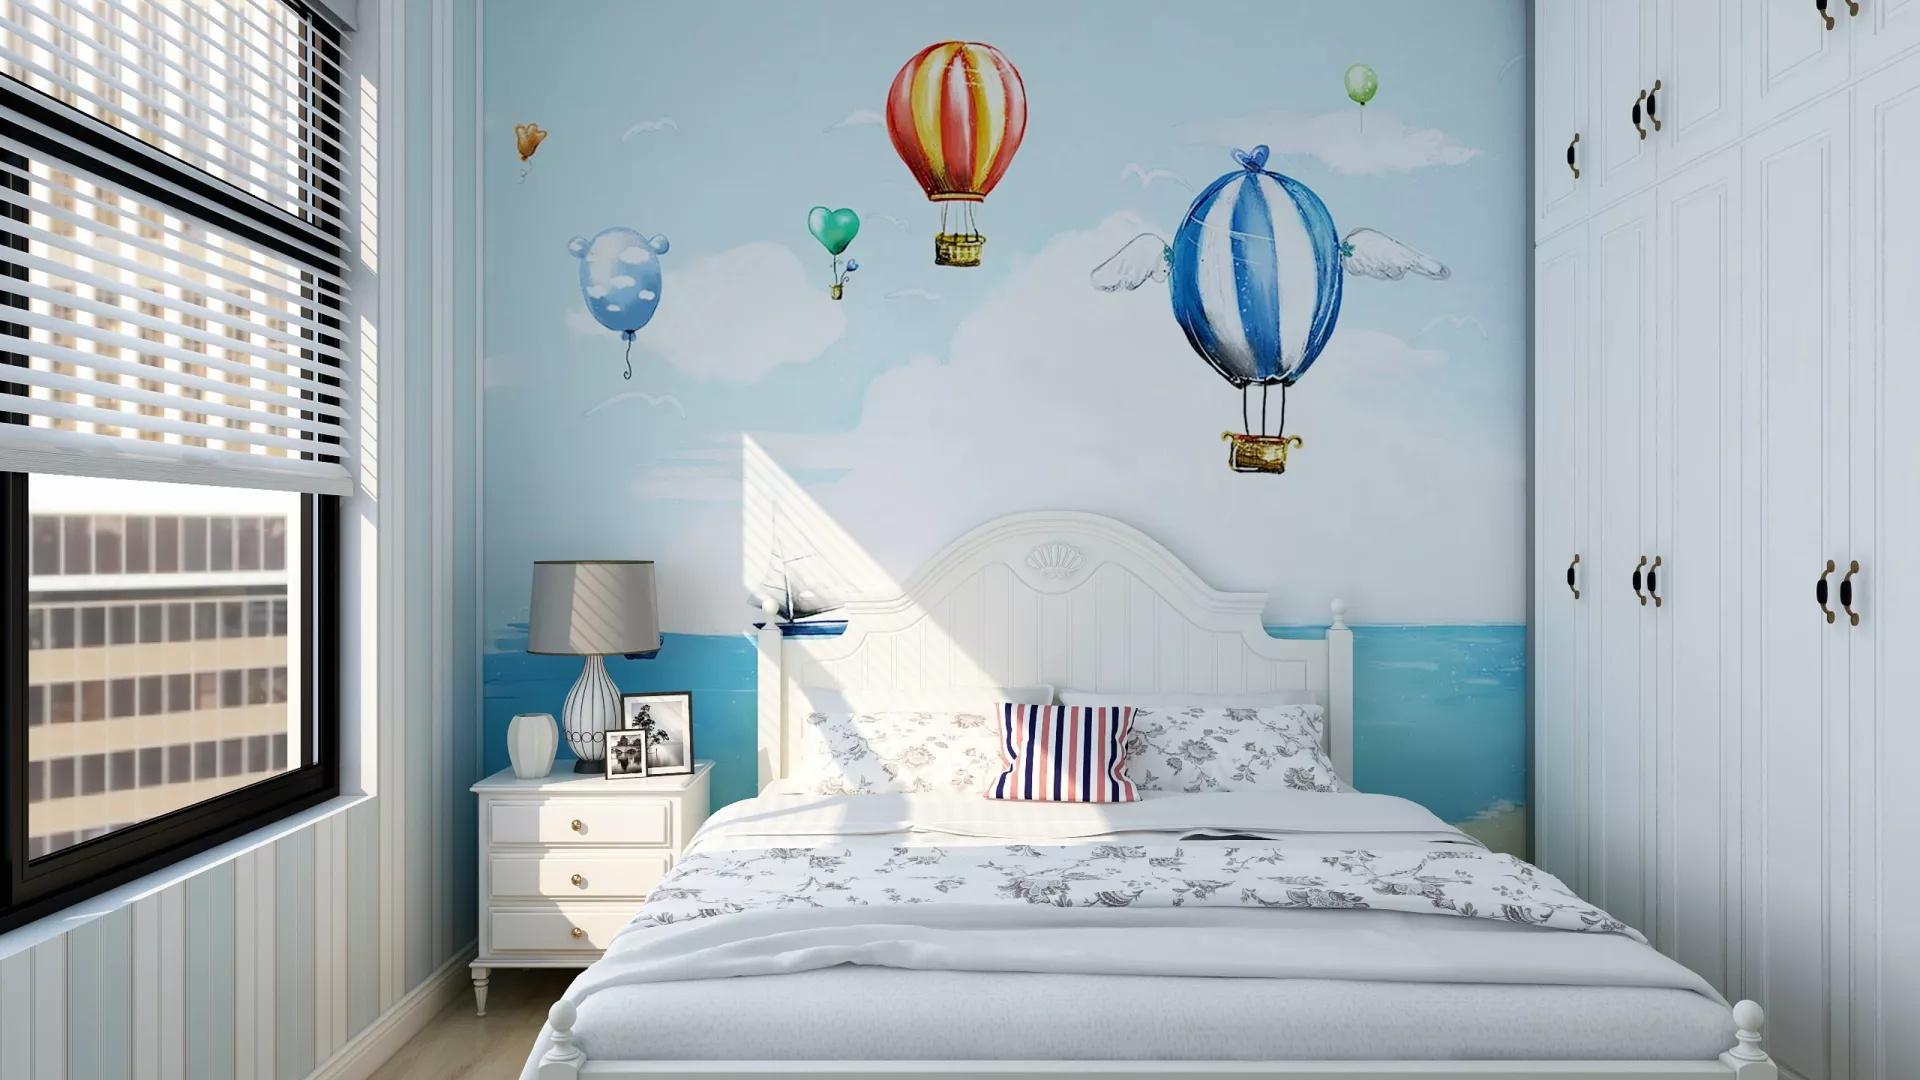 地中海风格乐活型客厅沙发装修效果图